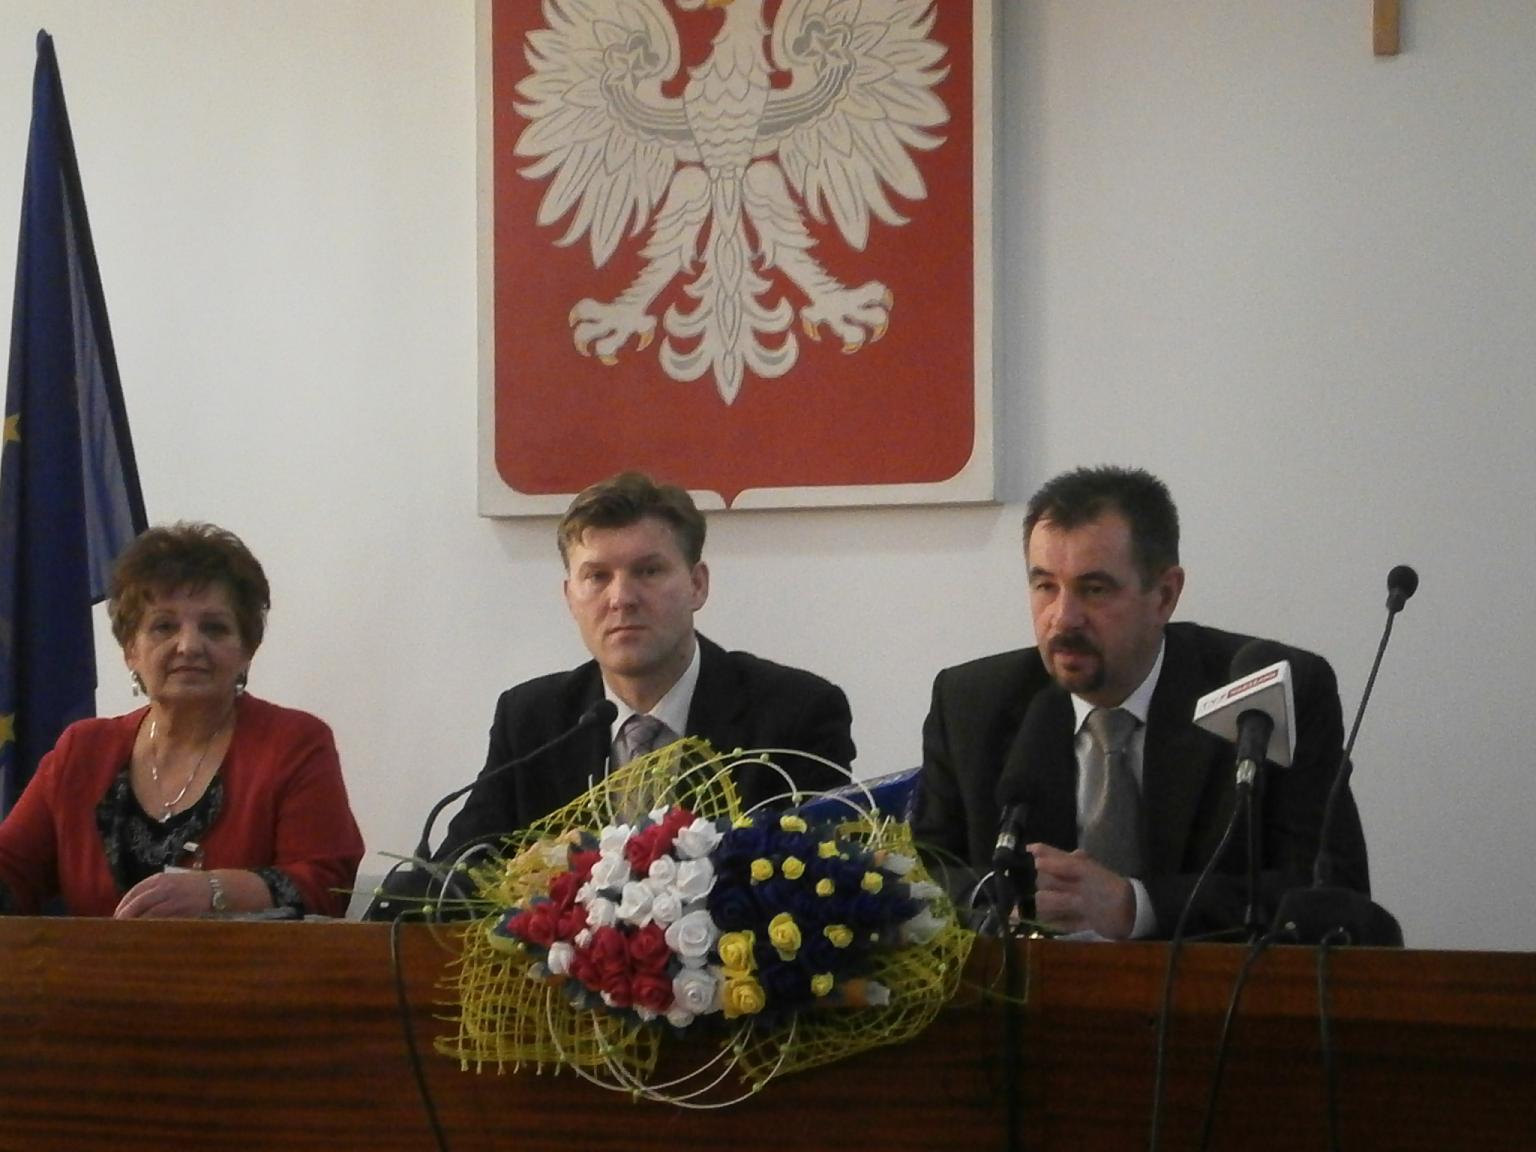 Od lewej: Jadwiga Rojek, Waldemar Trelka, Mirosław Ślifirczyk